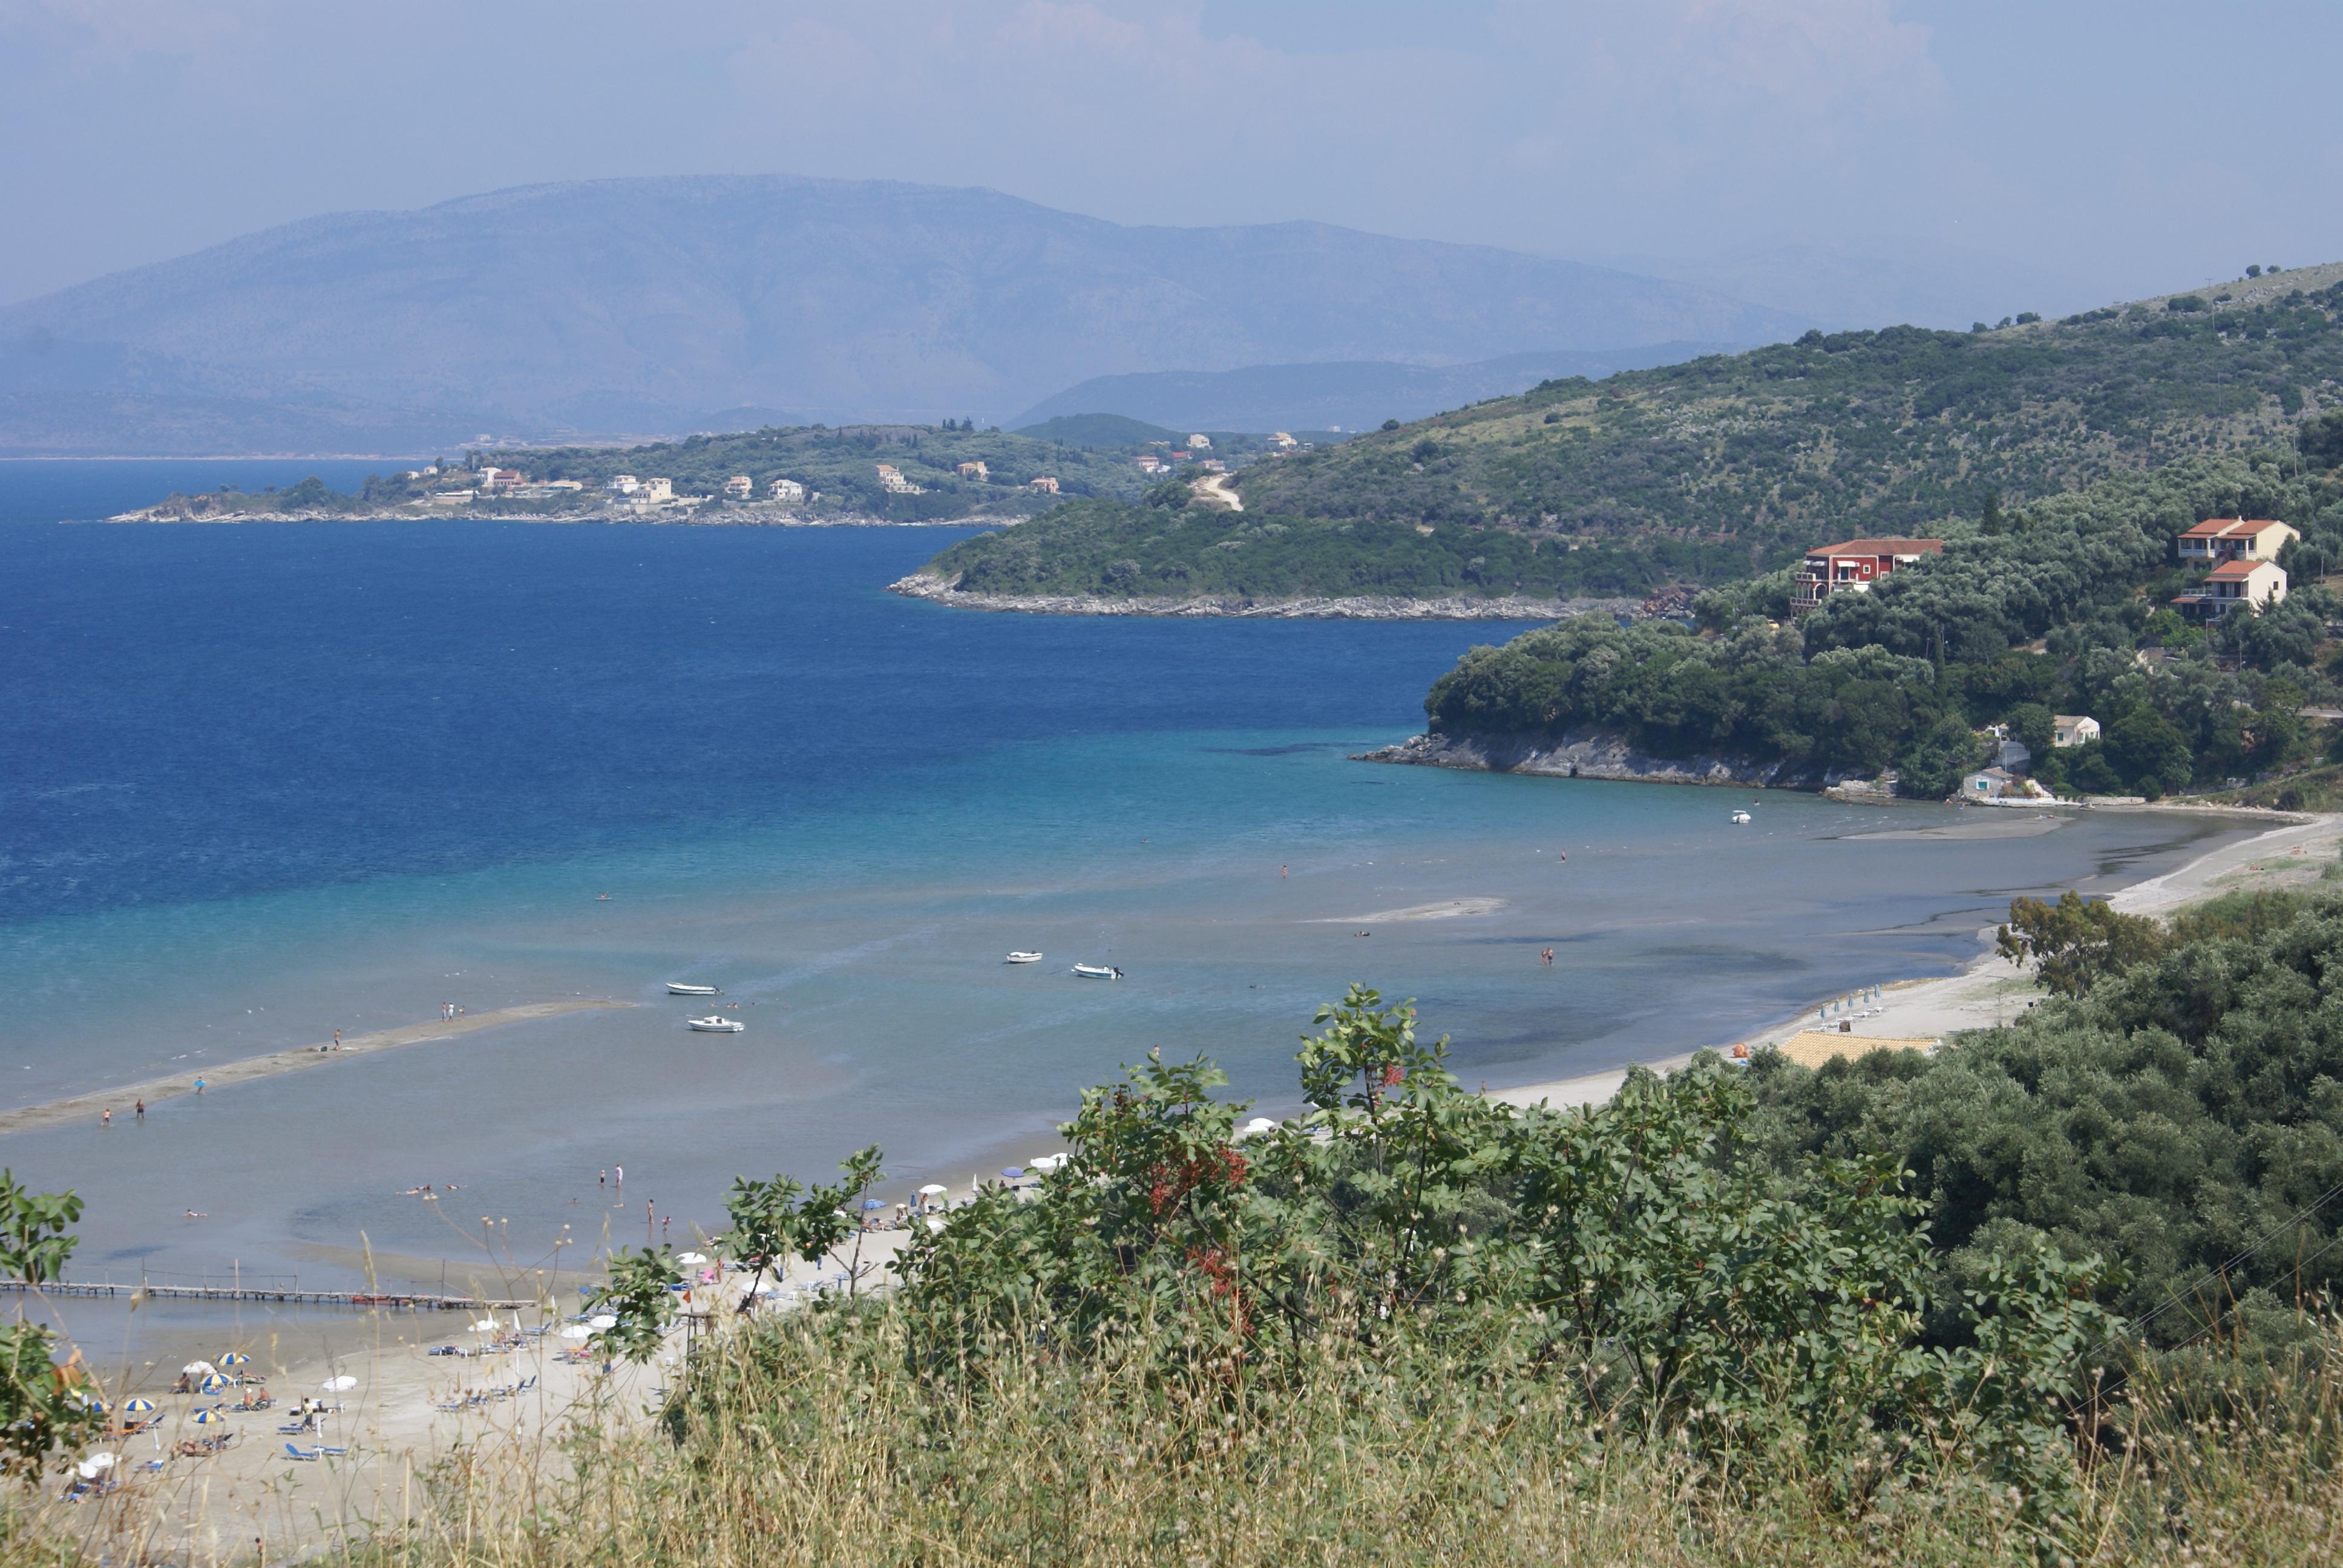 Strand von Kalamaki, Korfu, Griechenland, KorfuCorfu.de